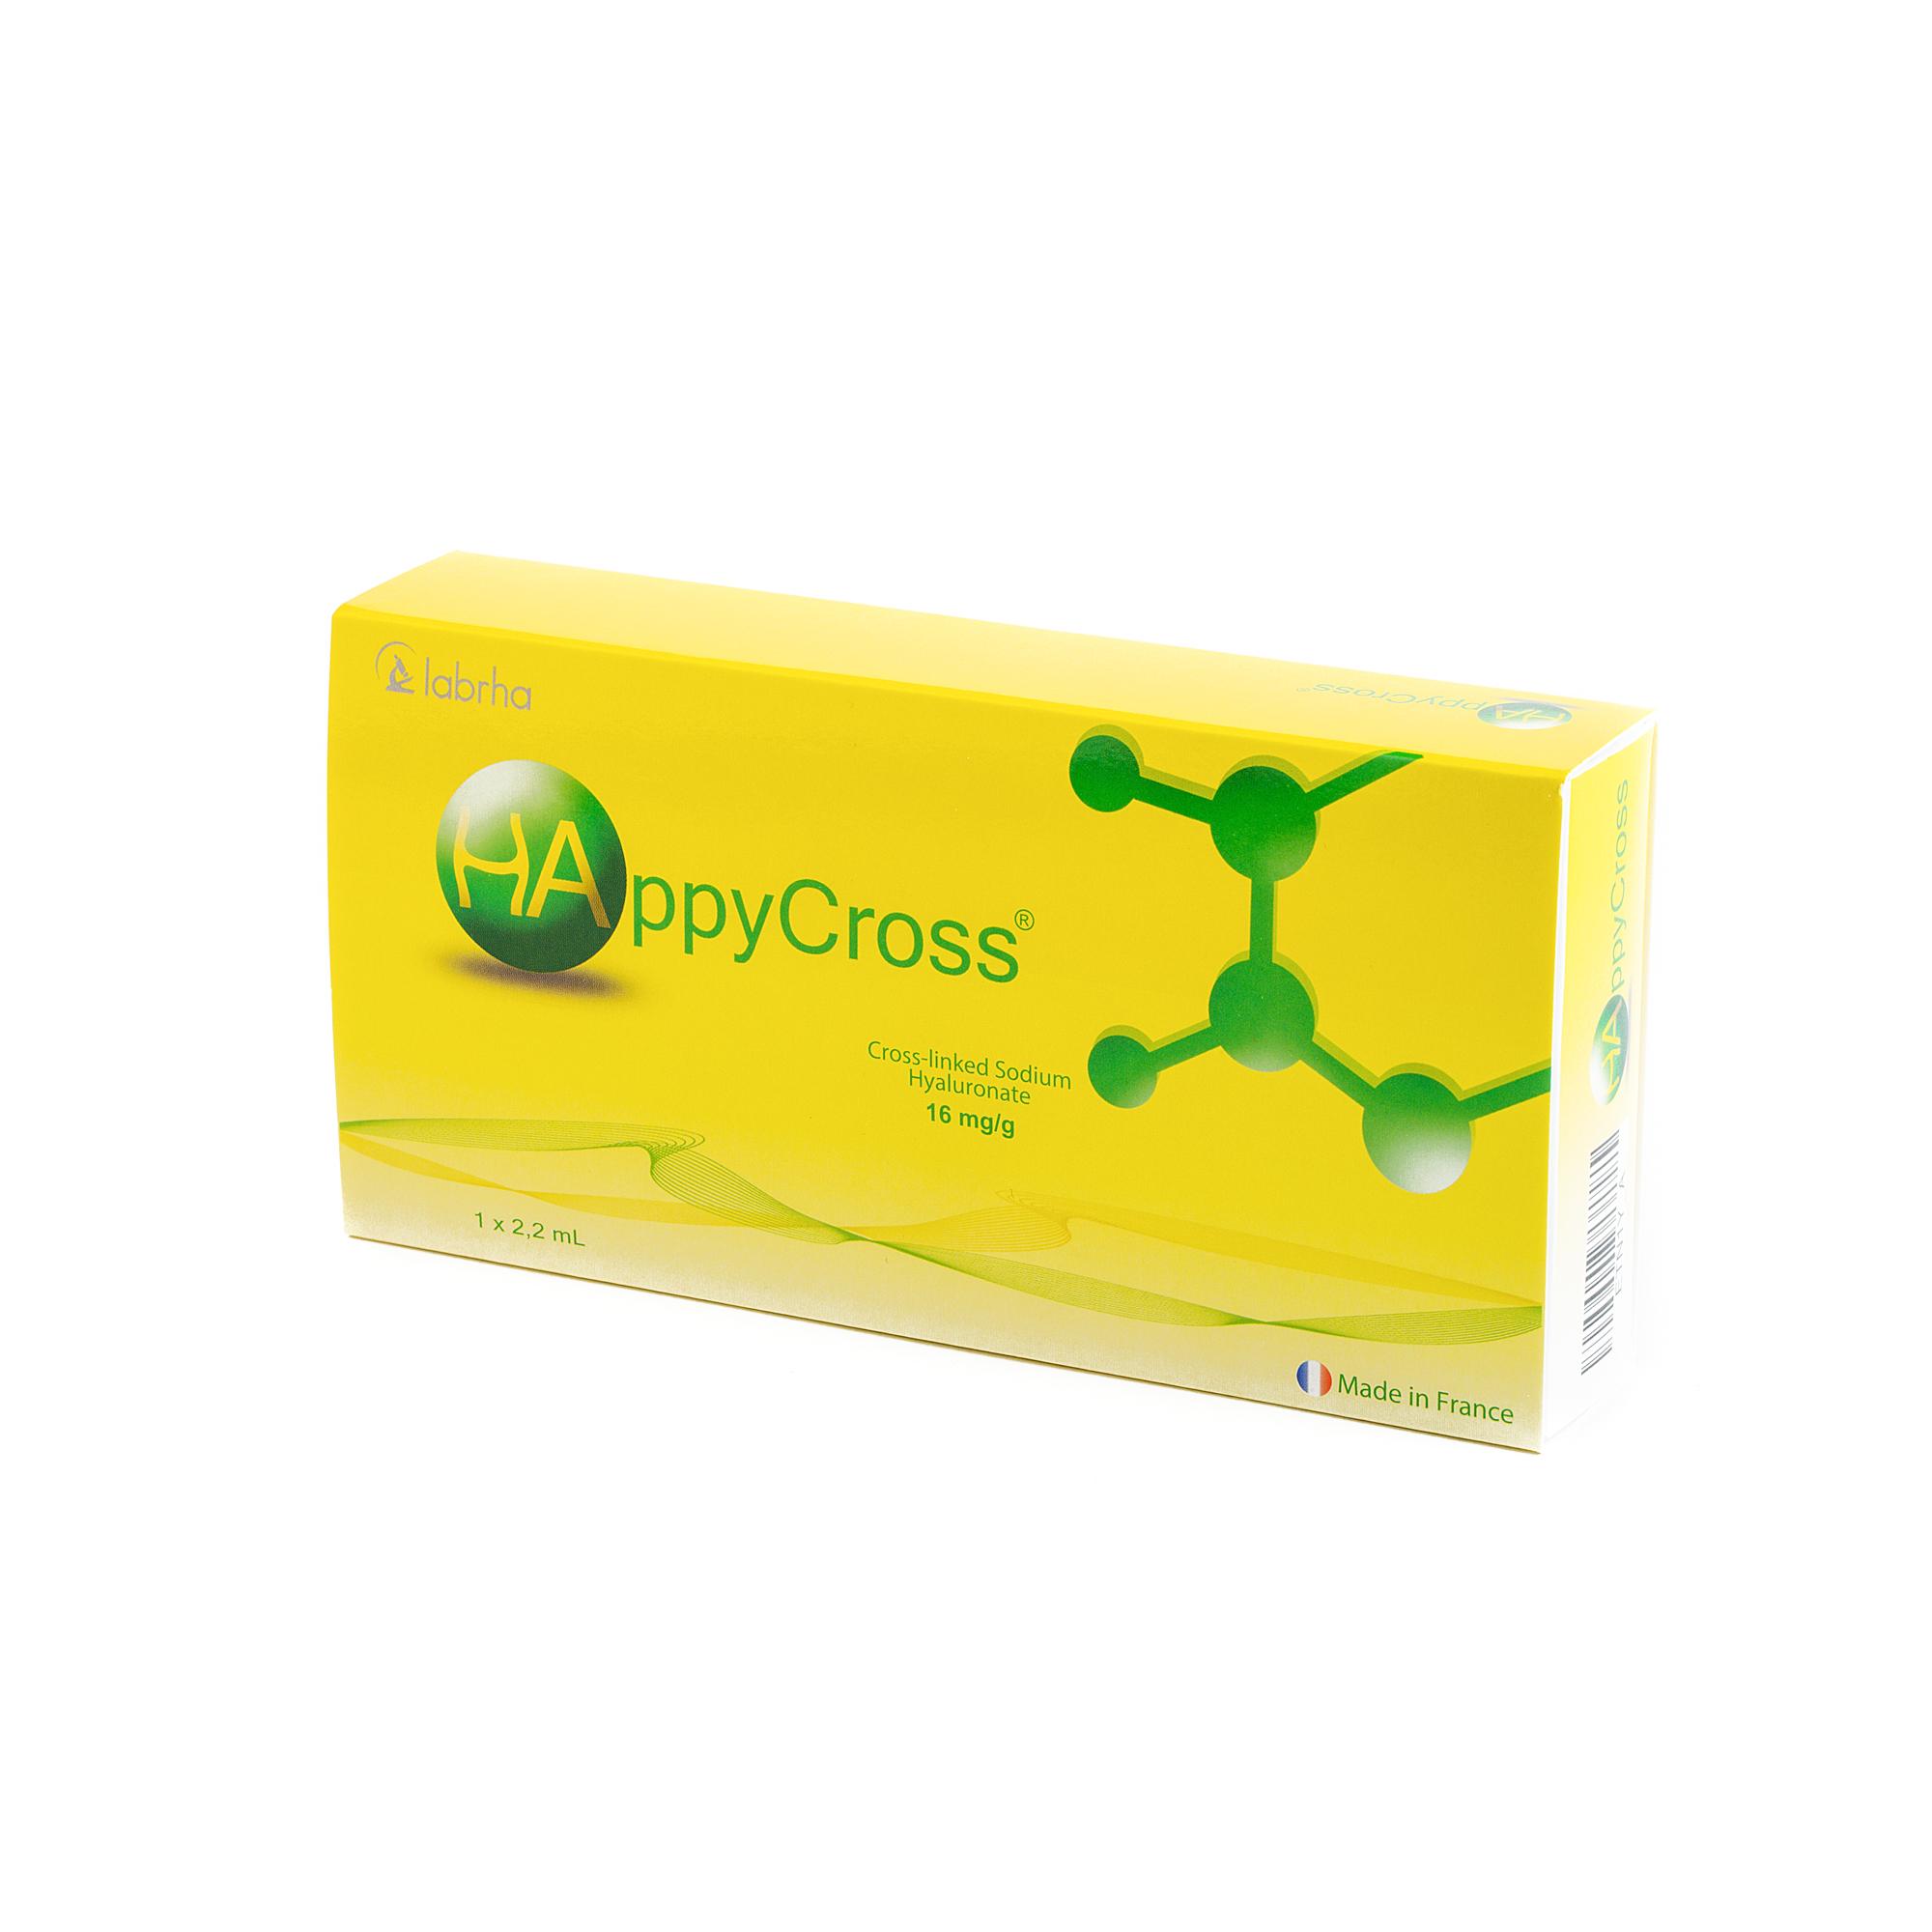 Crespine Gel plus seringa, 2 ml, BioPolymer : Farmacia Tei